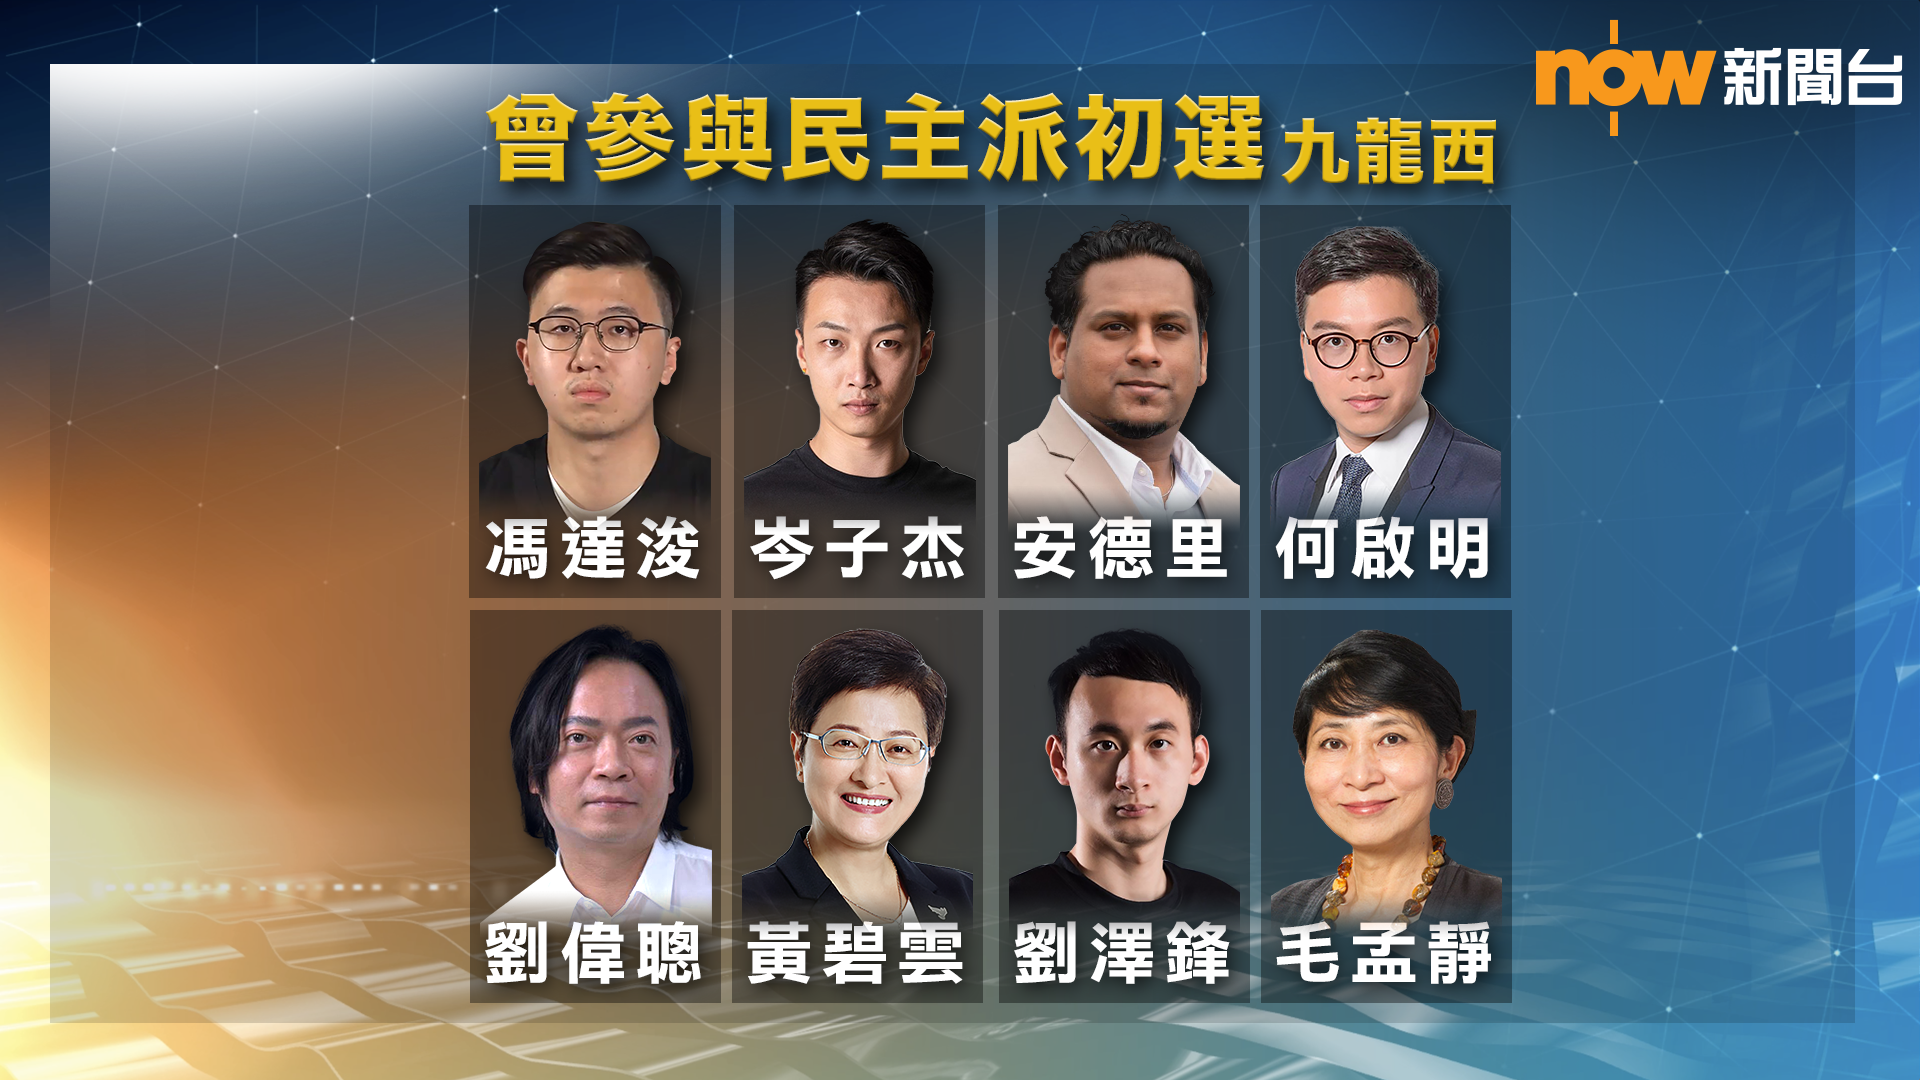 【持續更新】涉嫌去年組織參與民主派初選被拘捕及起訴人士名單